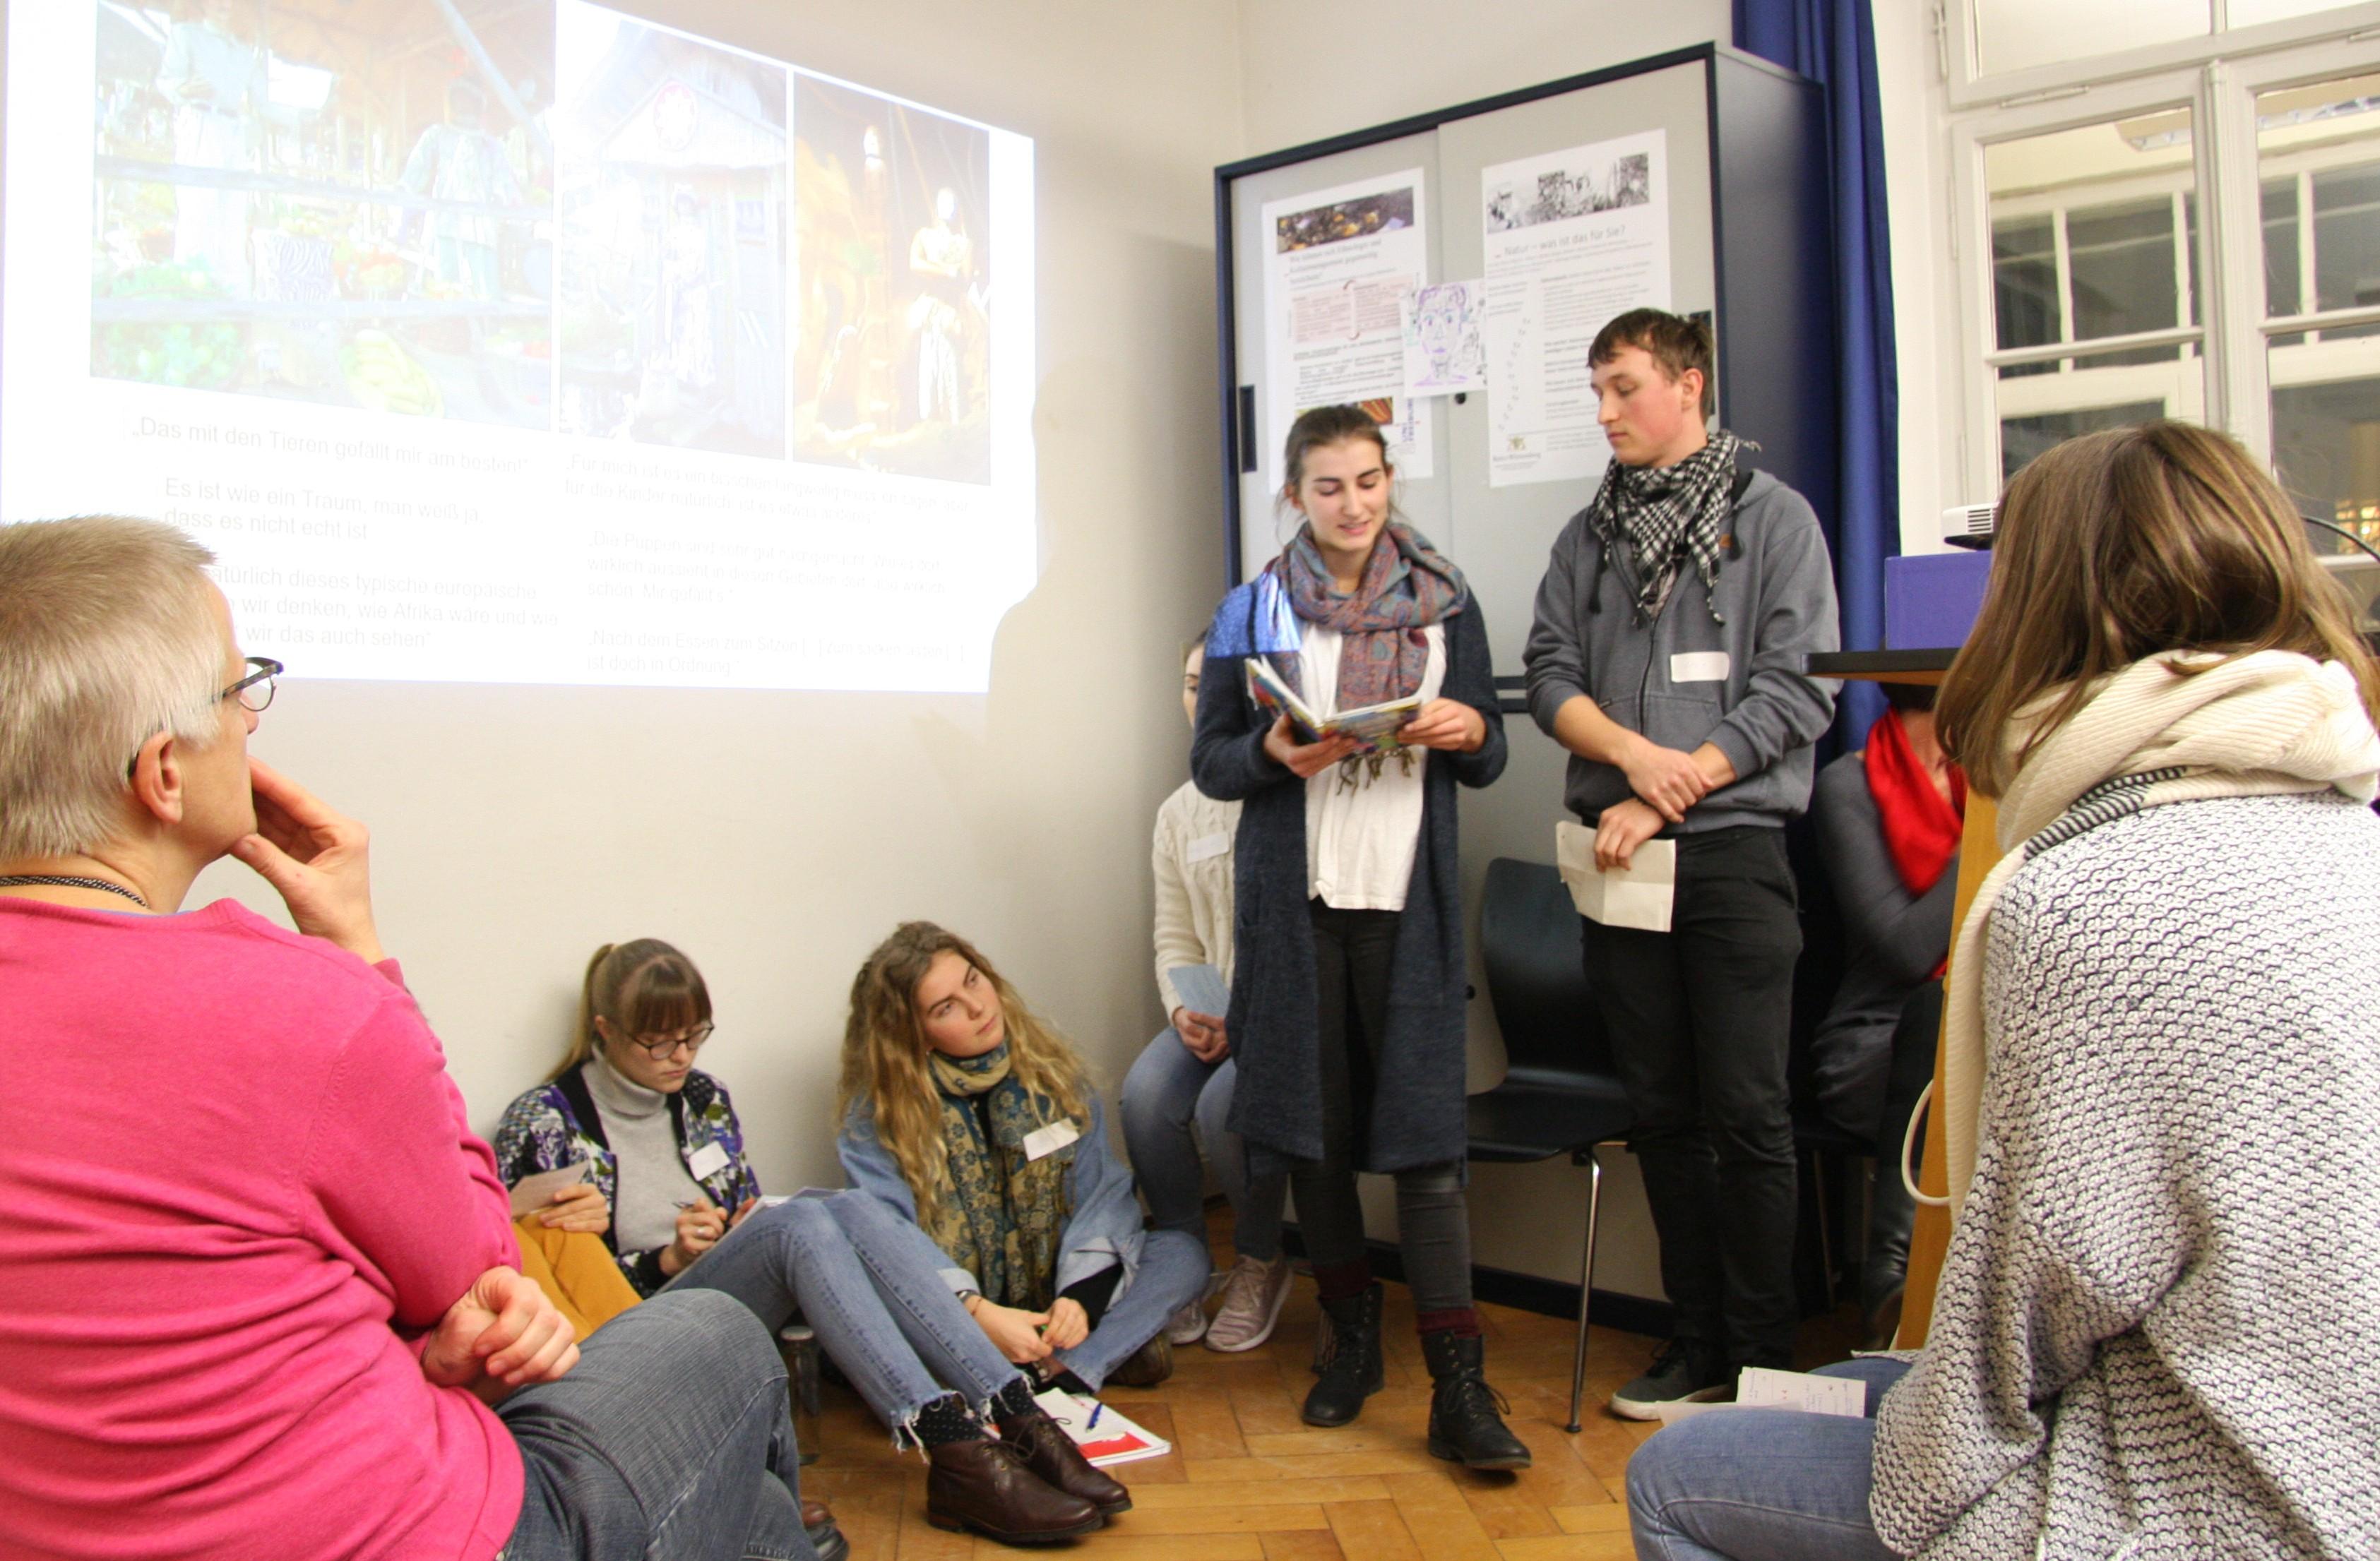 Freiburg betrachten: Exotisierung oder Dekolonisierung? Werkstattgespräch mit Studierenden